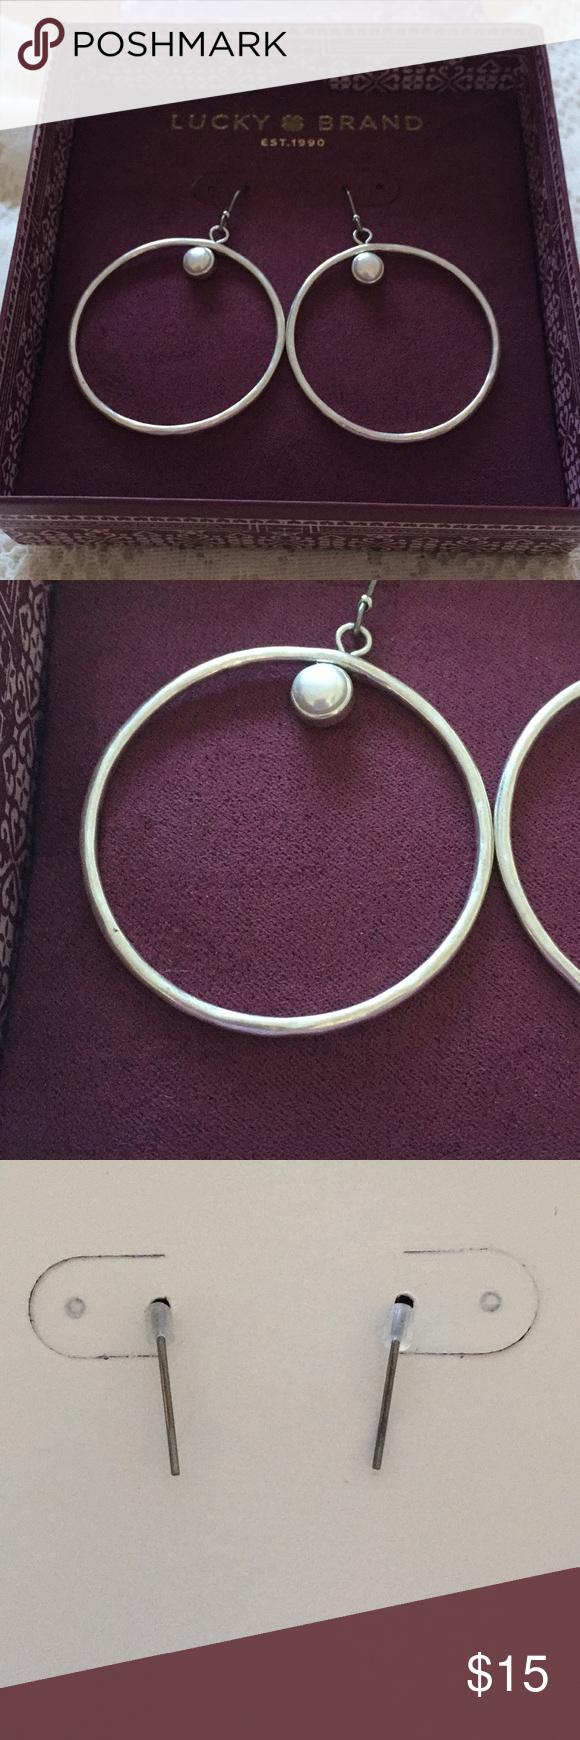 Lucky  Ud83c Udf40 Hoop Earrings